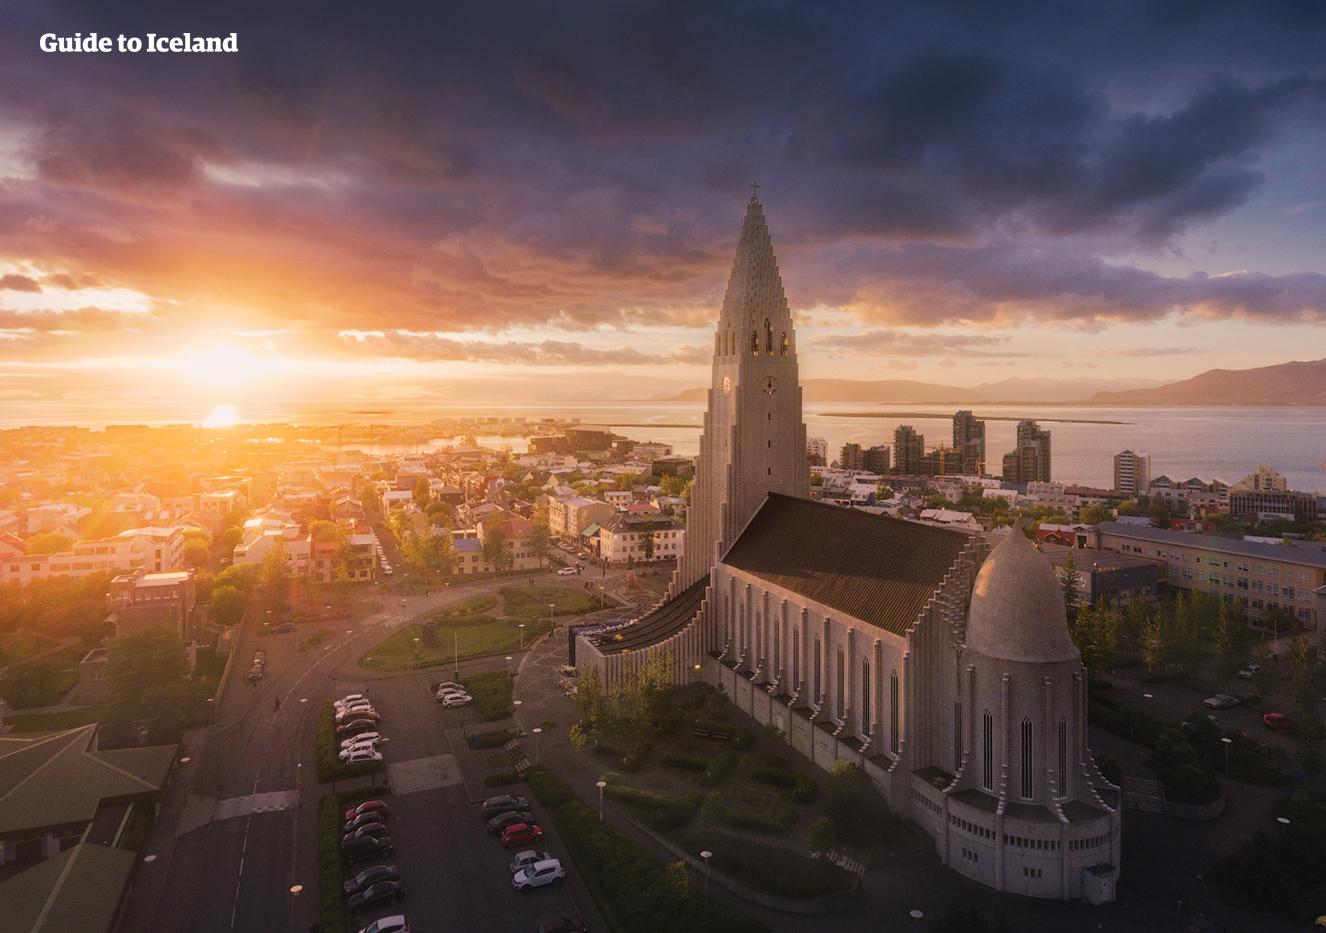 Gran parte de Islandia está cubierta de musgo. Si se daña, puede tardar décadas en repararse y es una de las principales razones para evitar pisarlo.